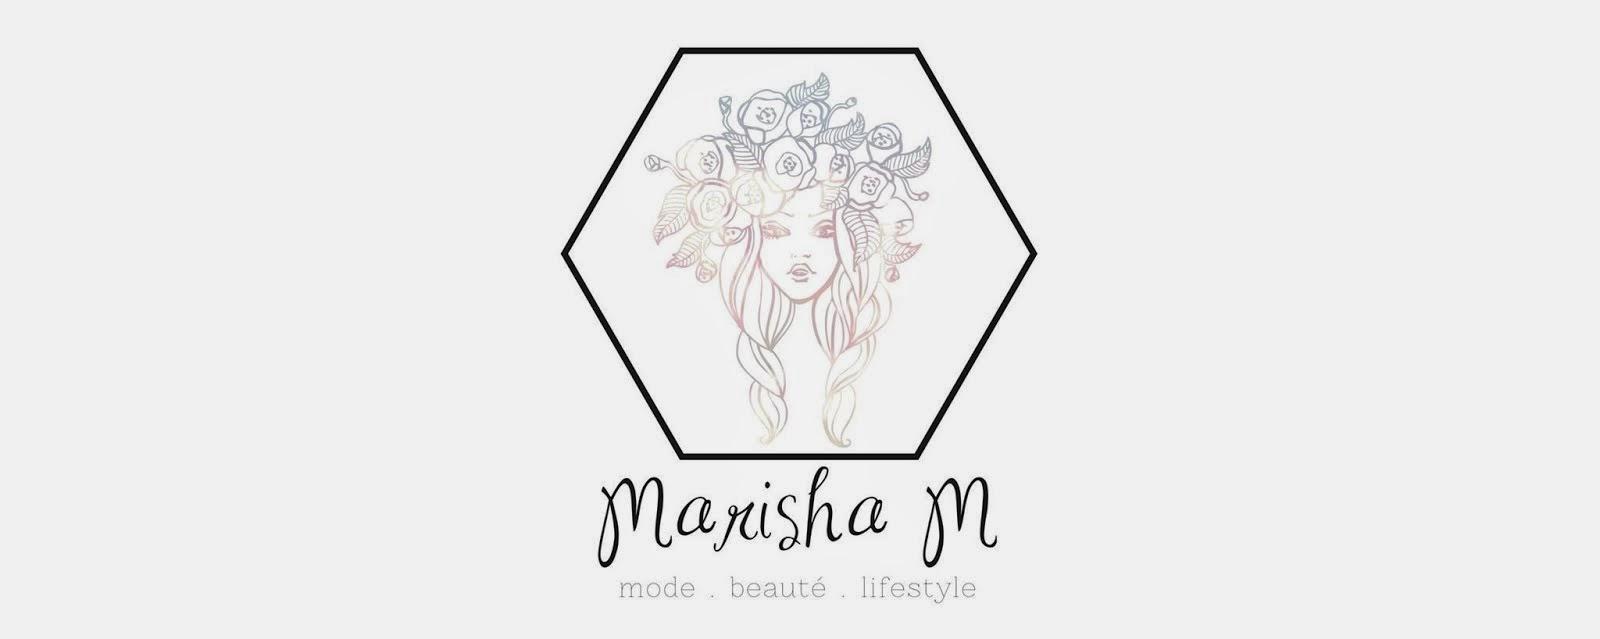 Marisha M